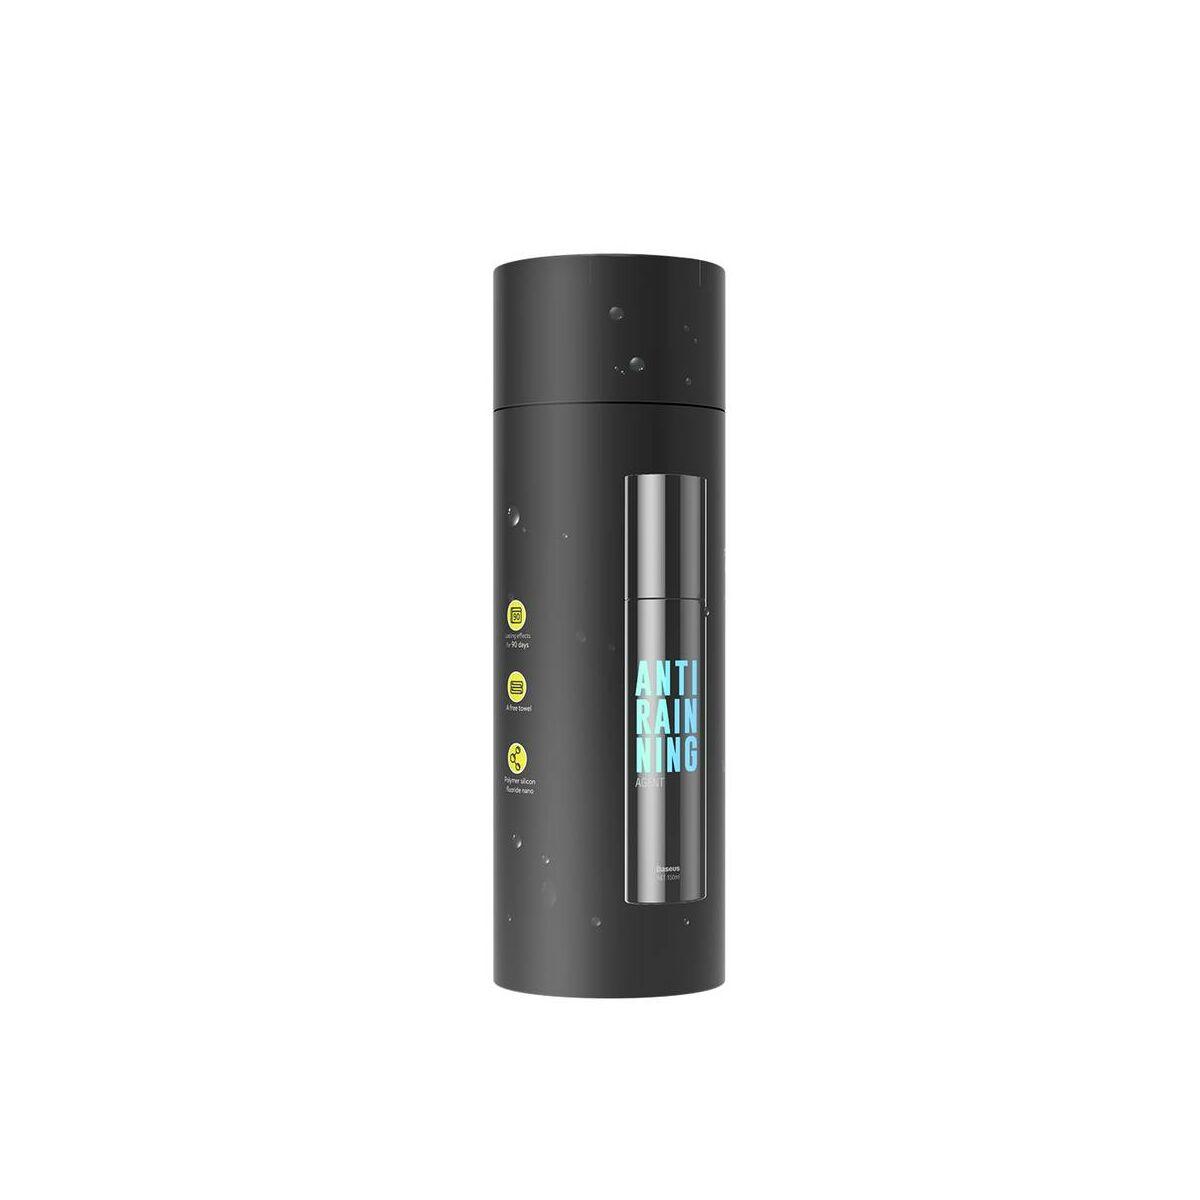 Baseus autós kiegészítő, vízlepergető spray, fekete (ACFYJ-01)